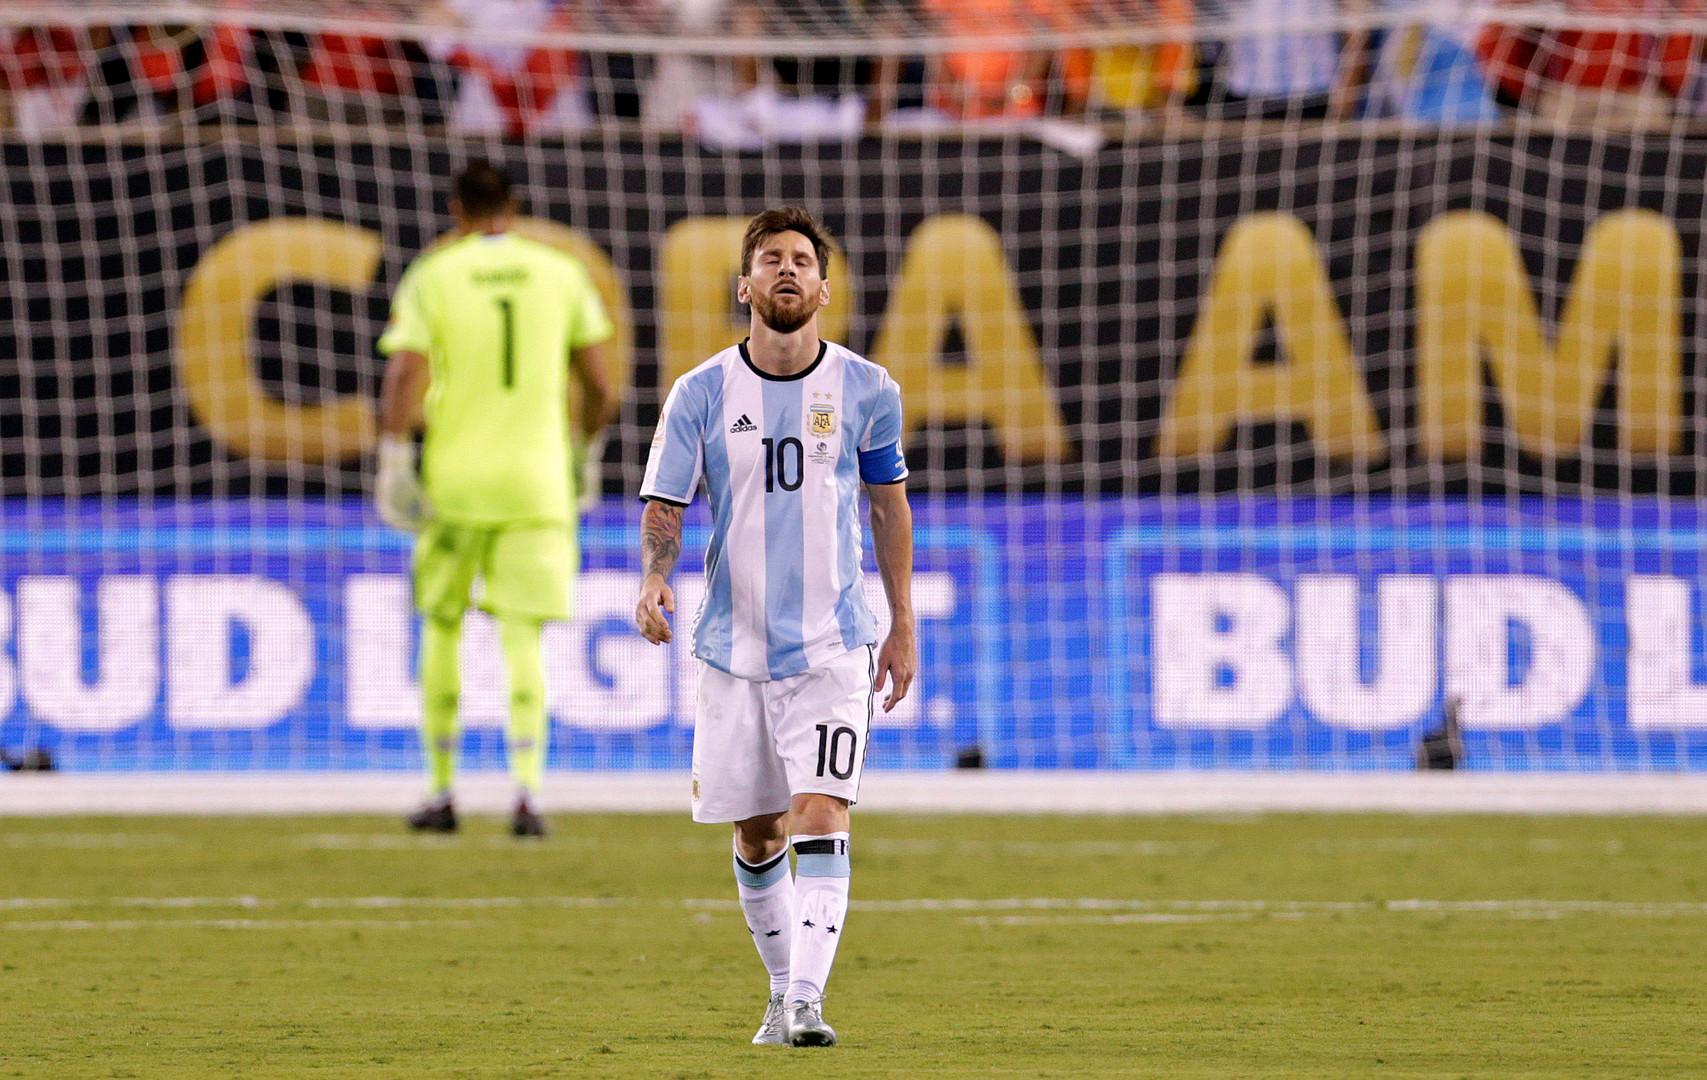 Лионель Месси уходит из сборной Аргентины